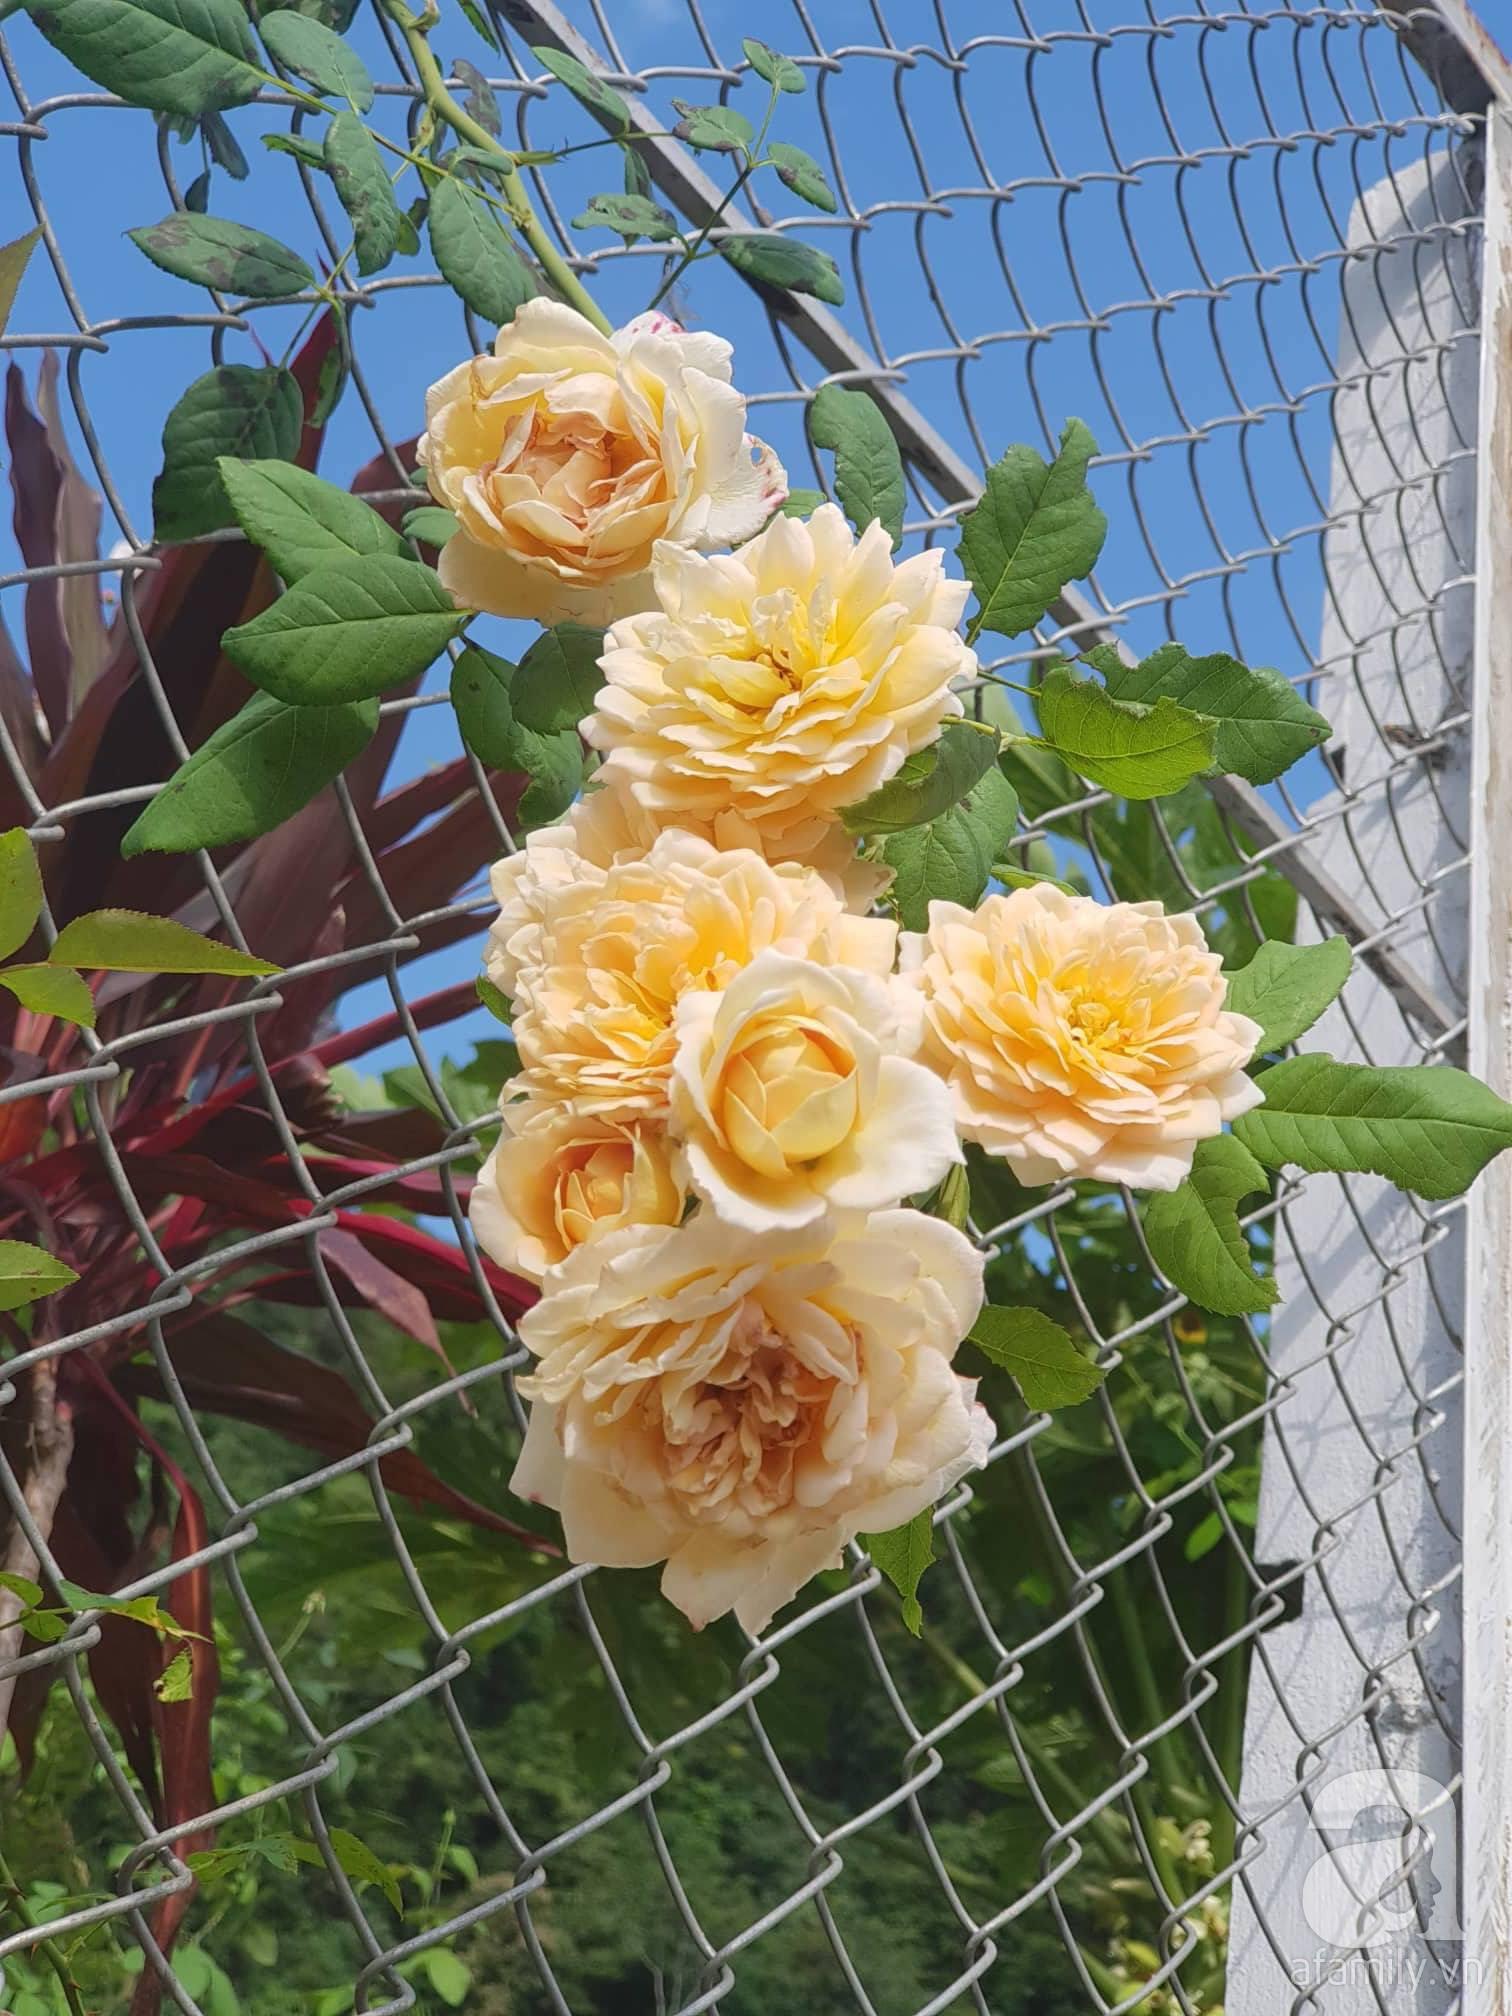 Ngôi nhà hoa hồng thơm ngát và rực rỡ với hàng trăm gốc hồng trên triền núi của cô giáo ở Cao Bằng - Ảnh 11.